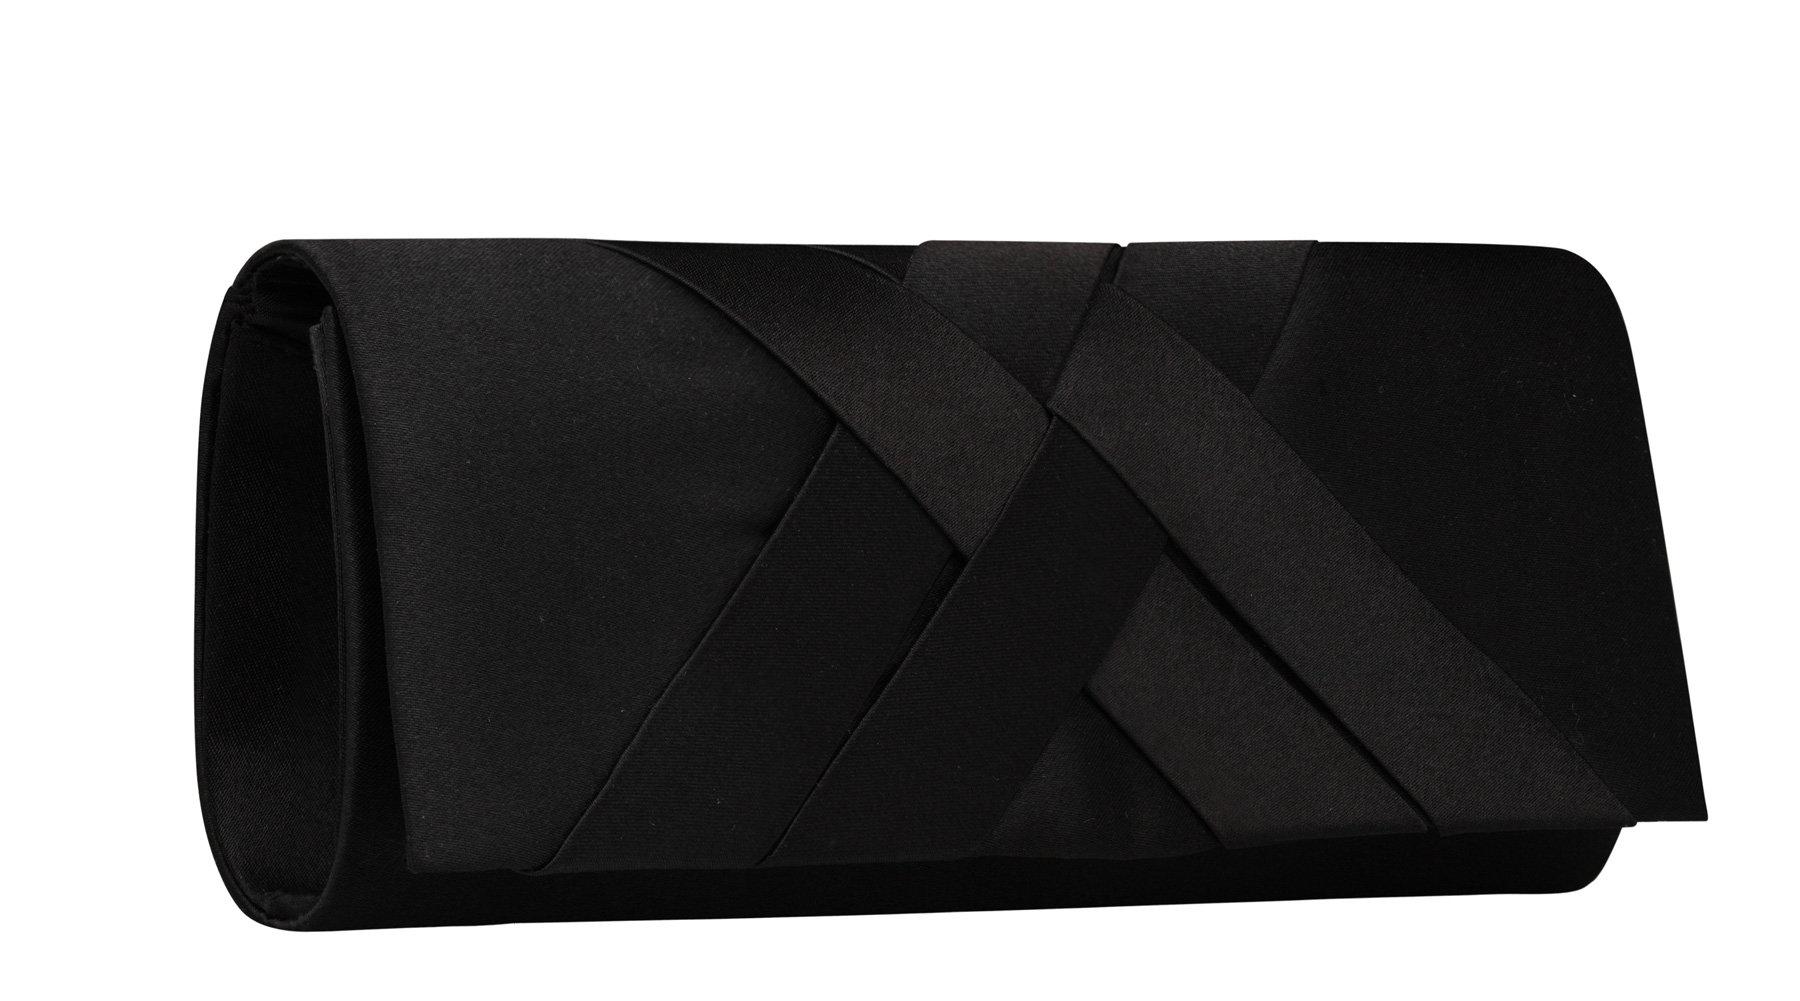 62c0addc7dd6 Модель: FELICE сатиновый клатч Интернет-магазин сумок и клатчей. Купить сатиновый  клатч недорого.